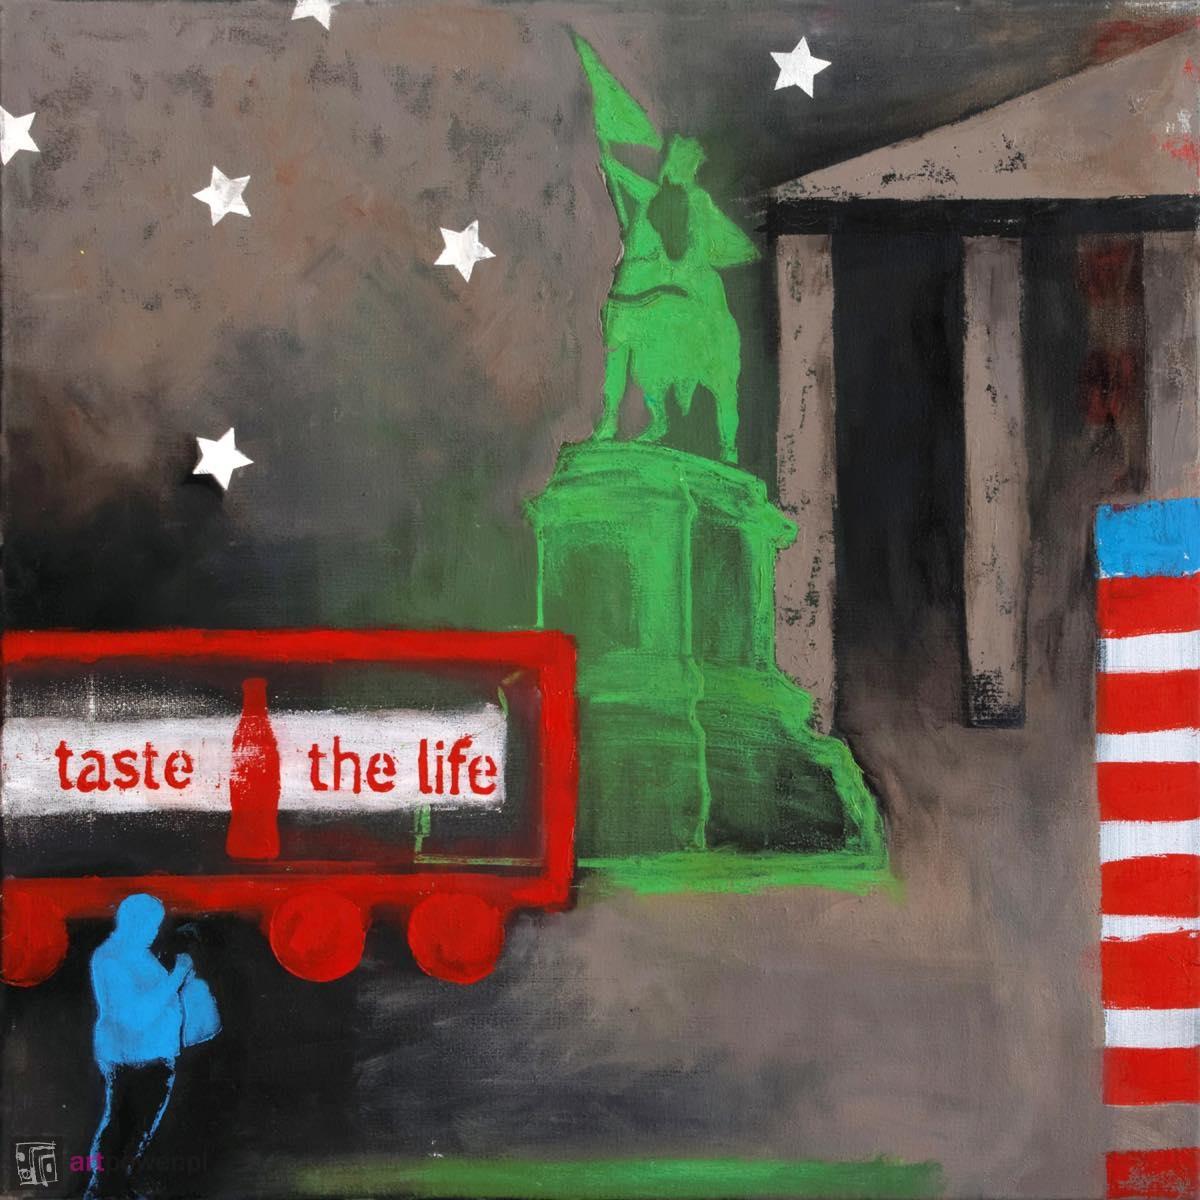 Taste the life